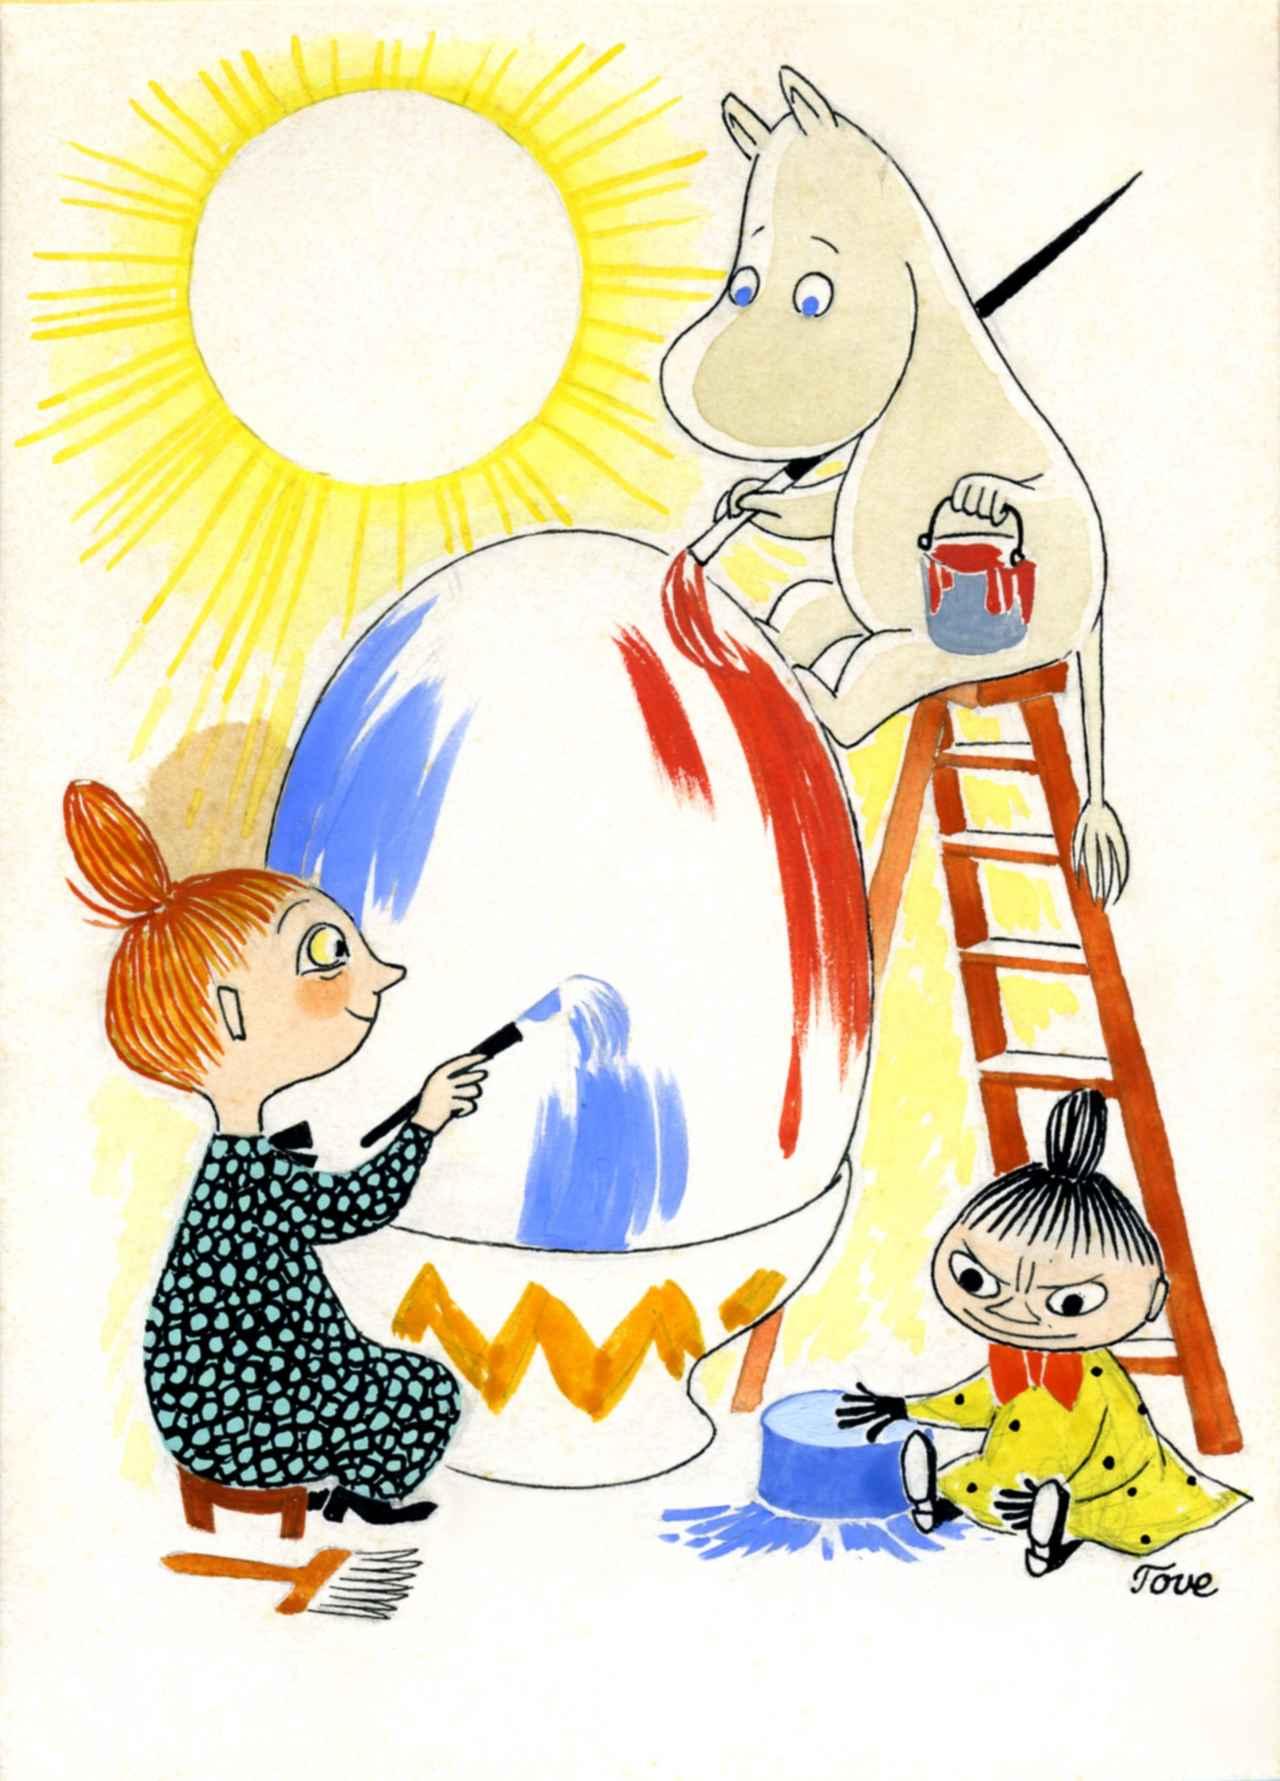 画像: トーベ・ヤンソン《イースターカード  原画》1950年代 グワッシュ、インク・紙 ムーミンキャラクターズ社 ©Moomin Characters ™